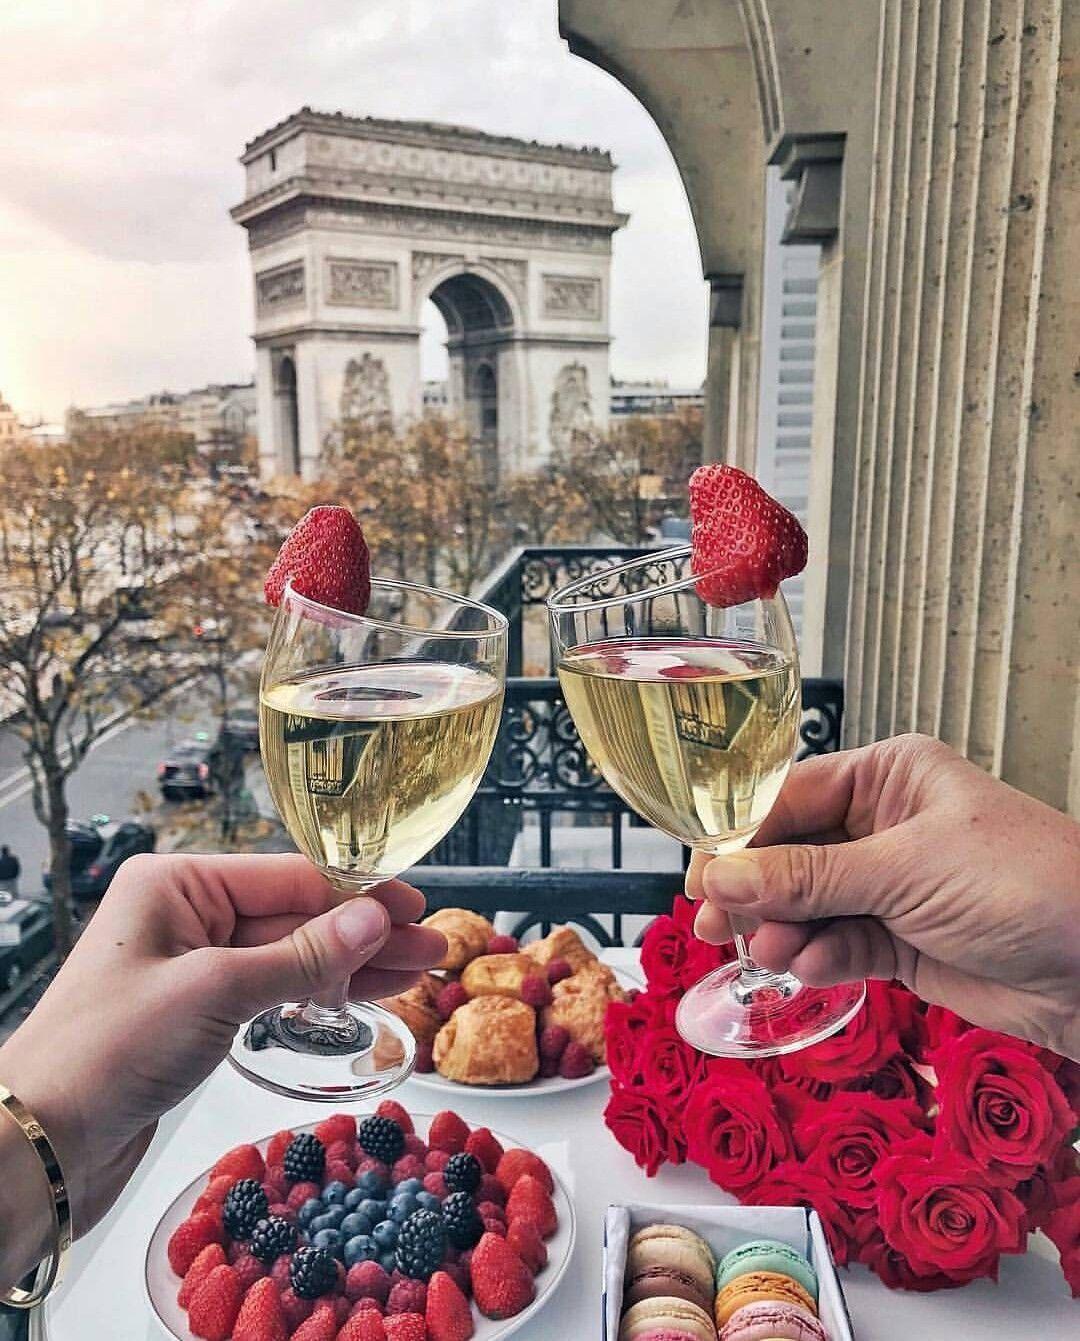 Epingle Par Soficrabbe Sur Ngay Rảnh Idees Romantiques Decoration Romantique Etoile Paris